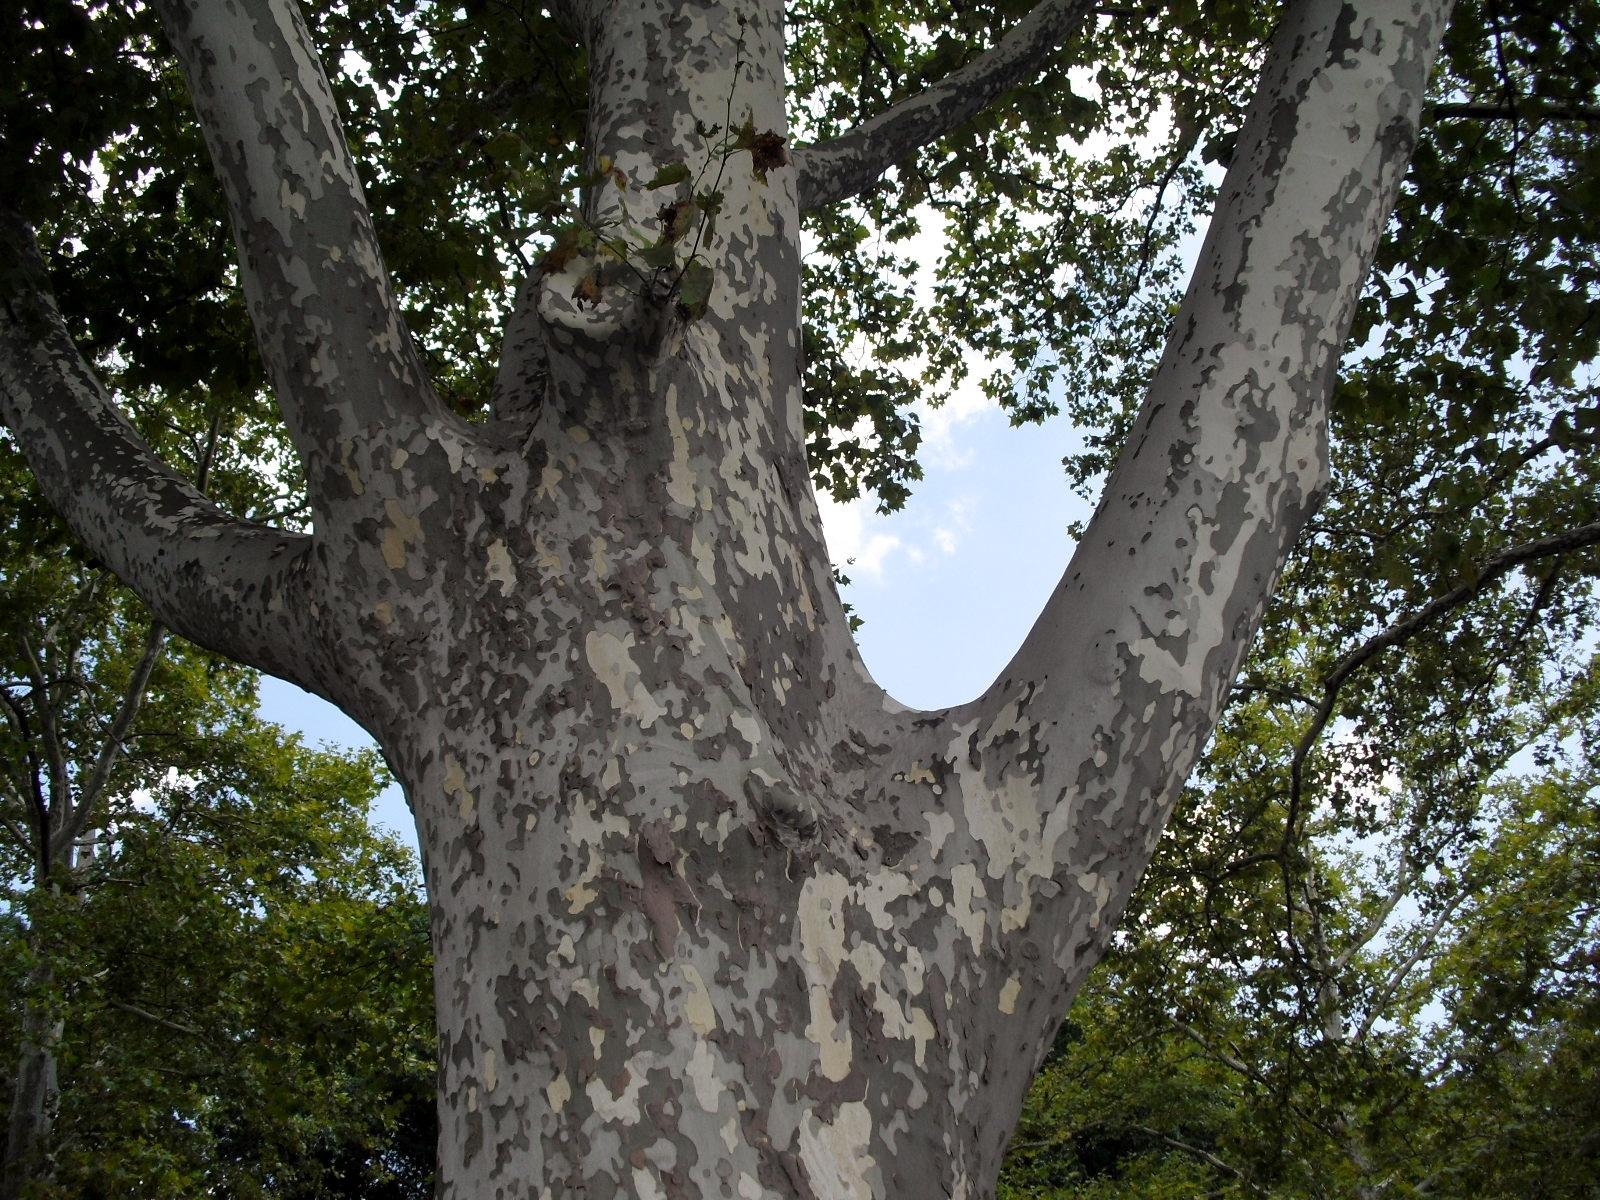 b42c641f9390621a404e_Phila_-_Tree_shaped_like_hand.jpg